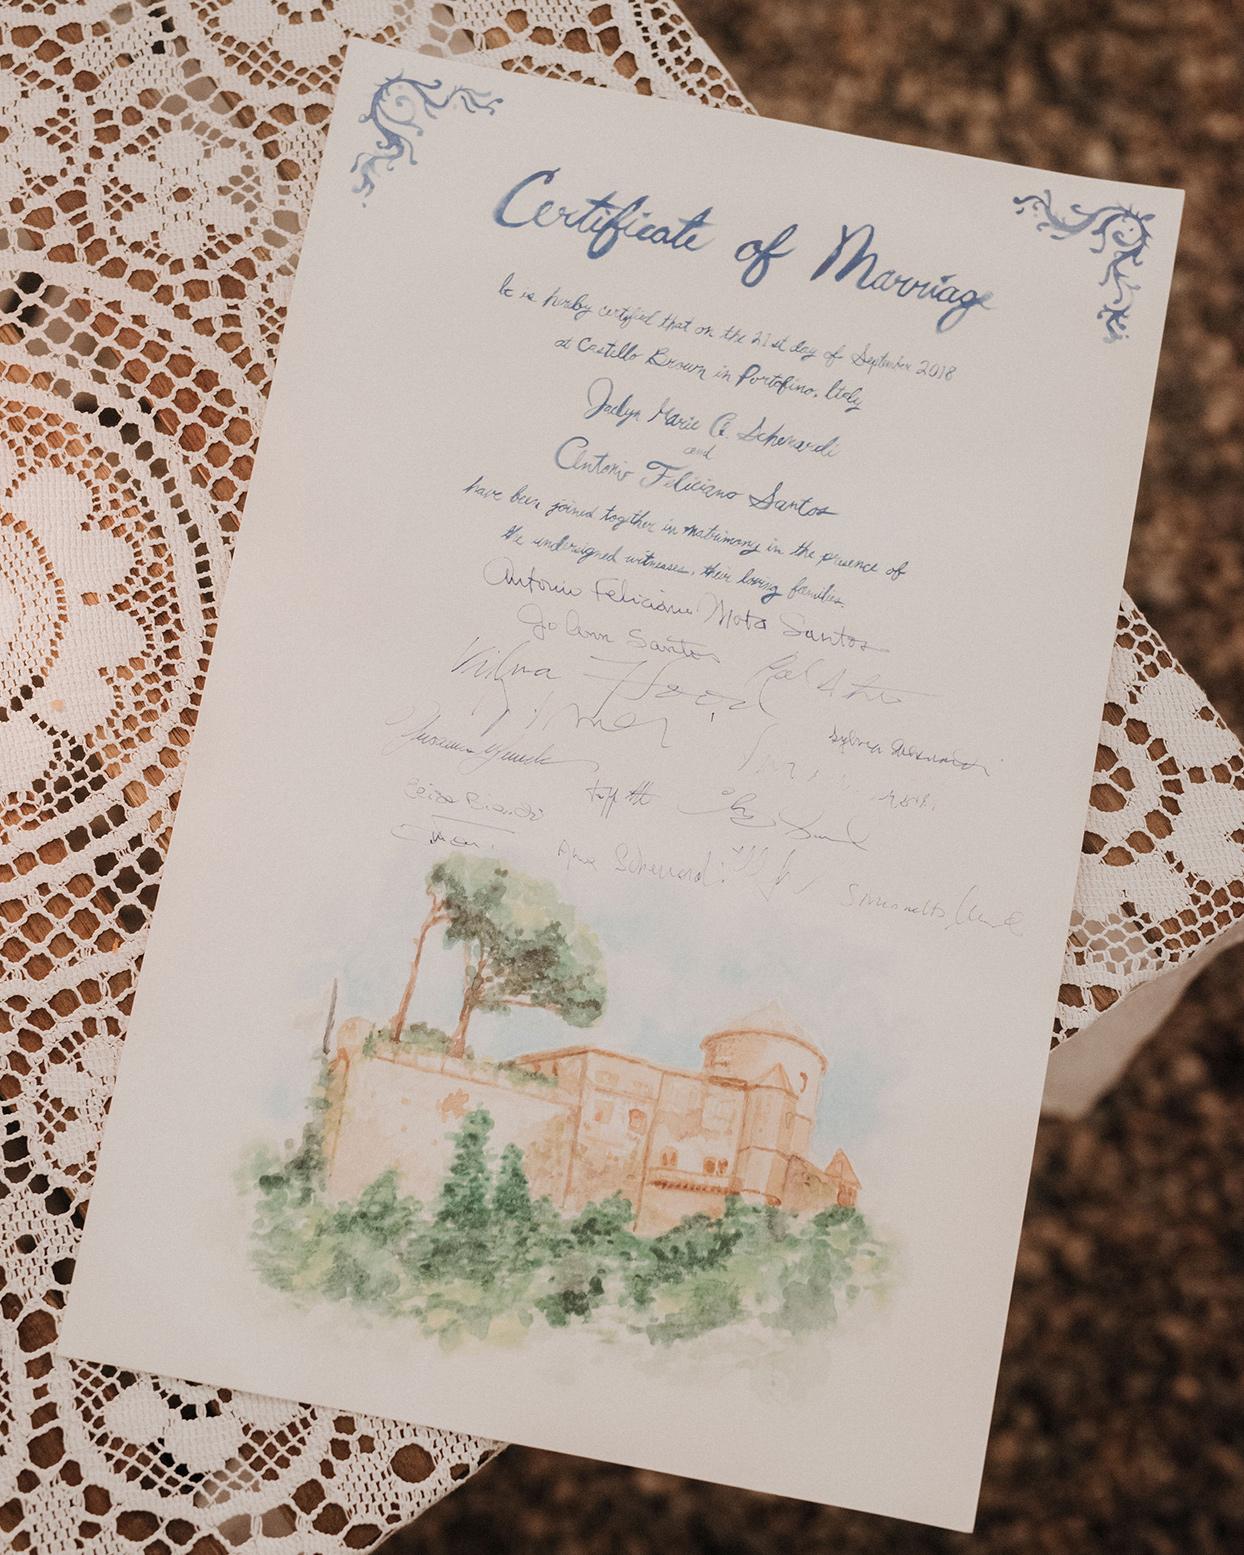 jaclyn antonio wedding watercolor certificate of marriage